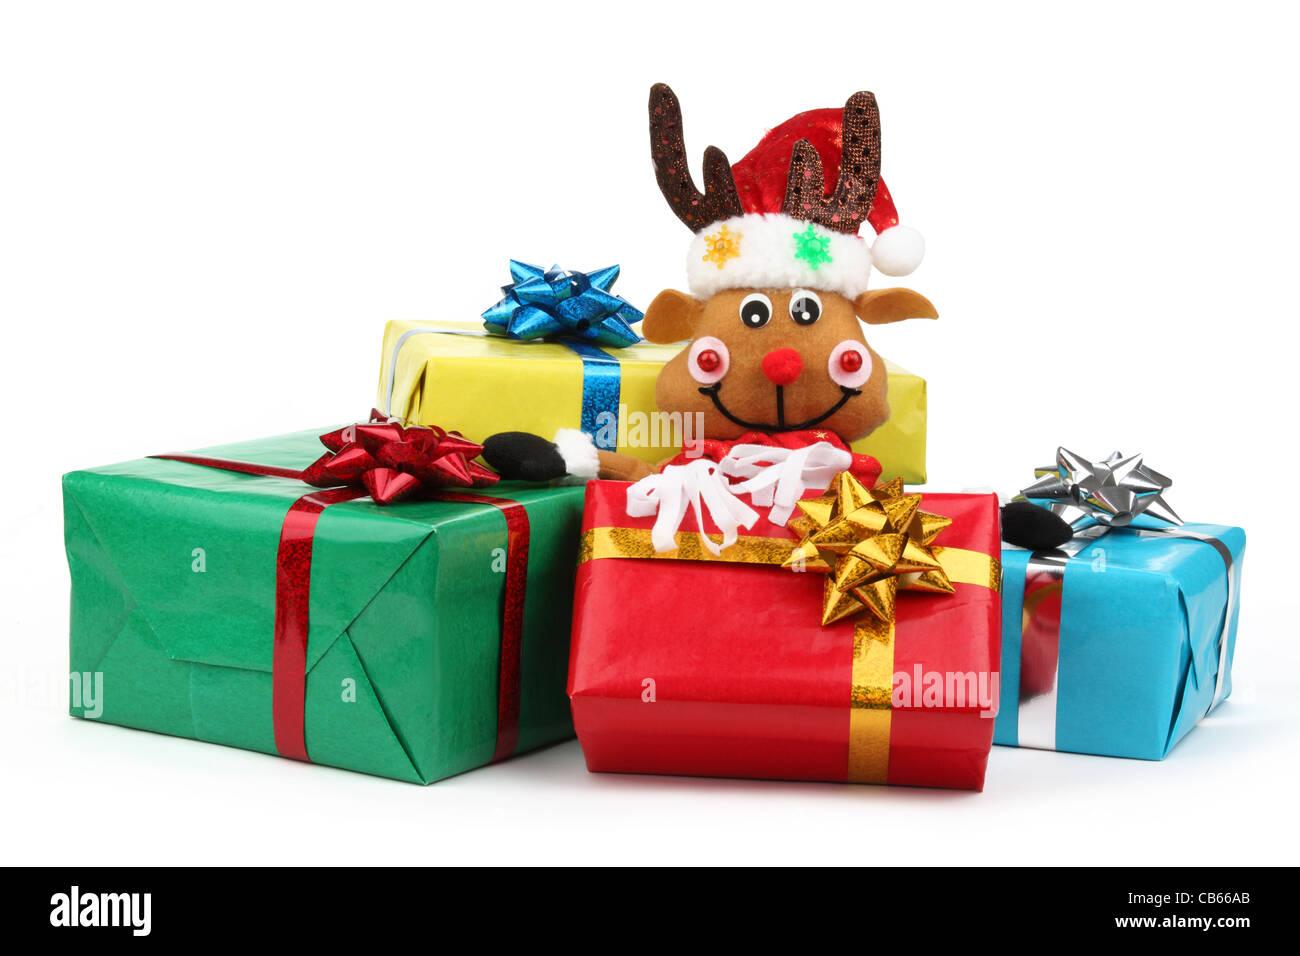 Weihnachtsgeschenke mit niedlichen Spielzeug isoliert auf weiss ...